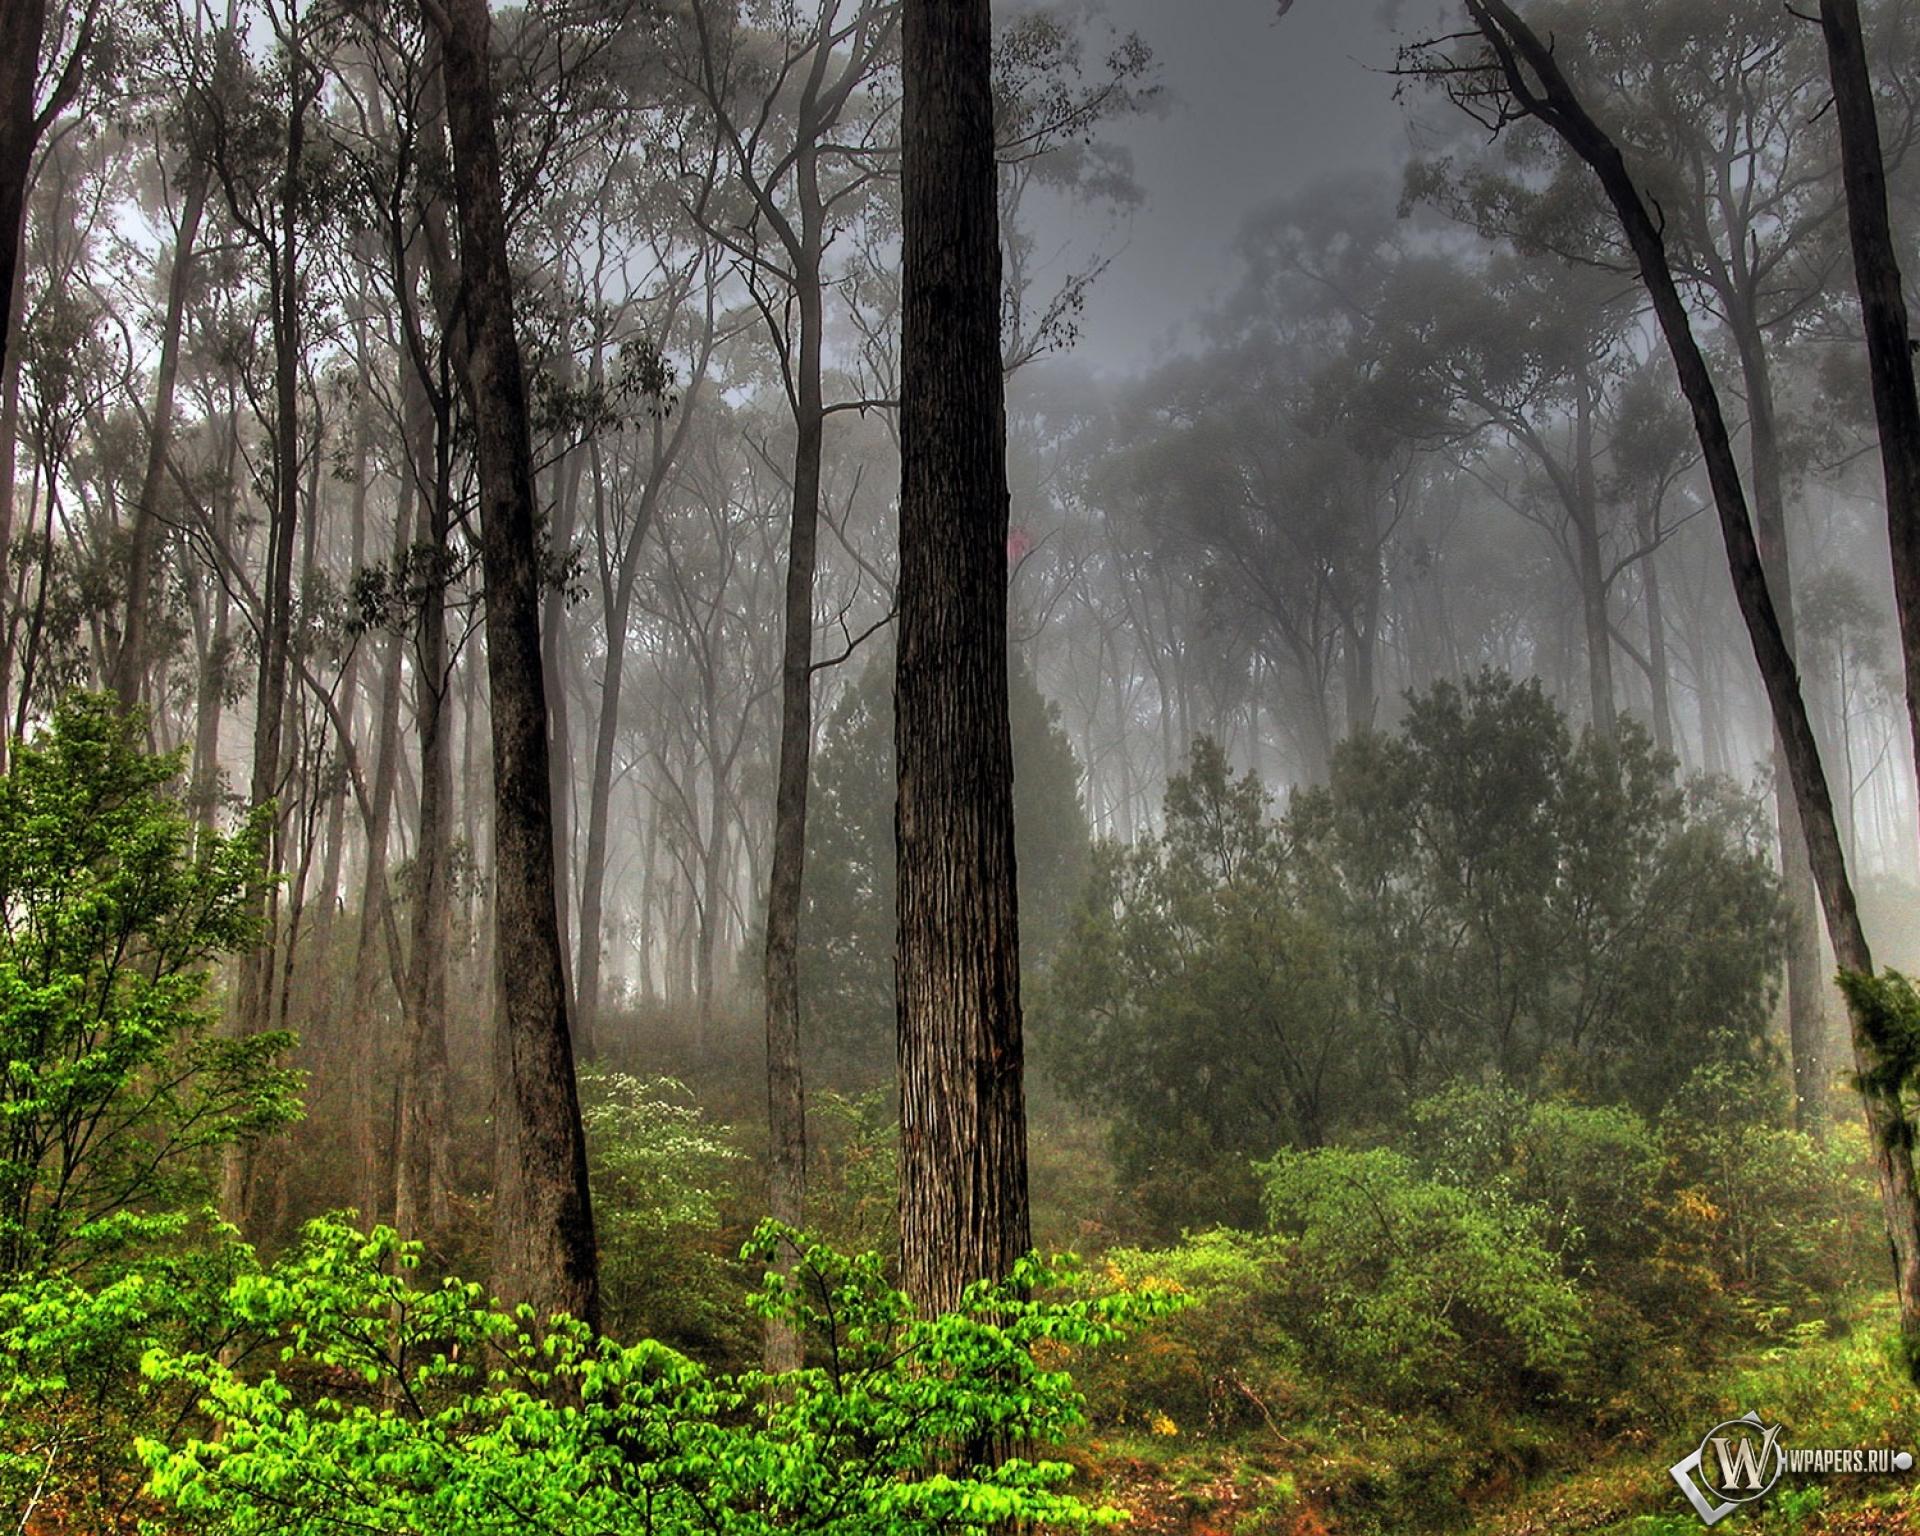 обои на рабочий стол лес в тумане hd № 251995 бесплатно